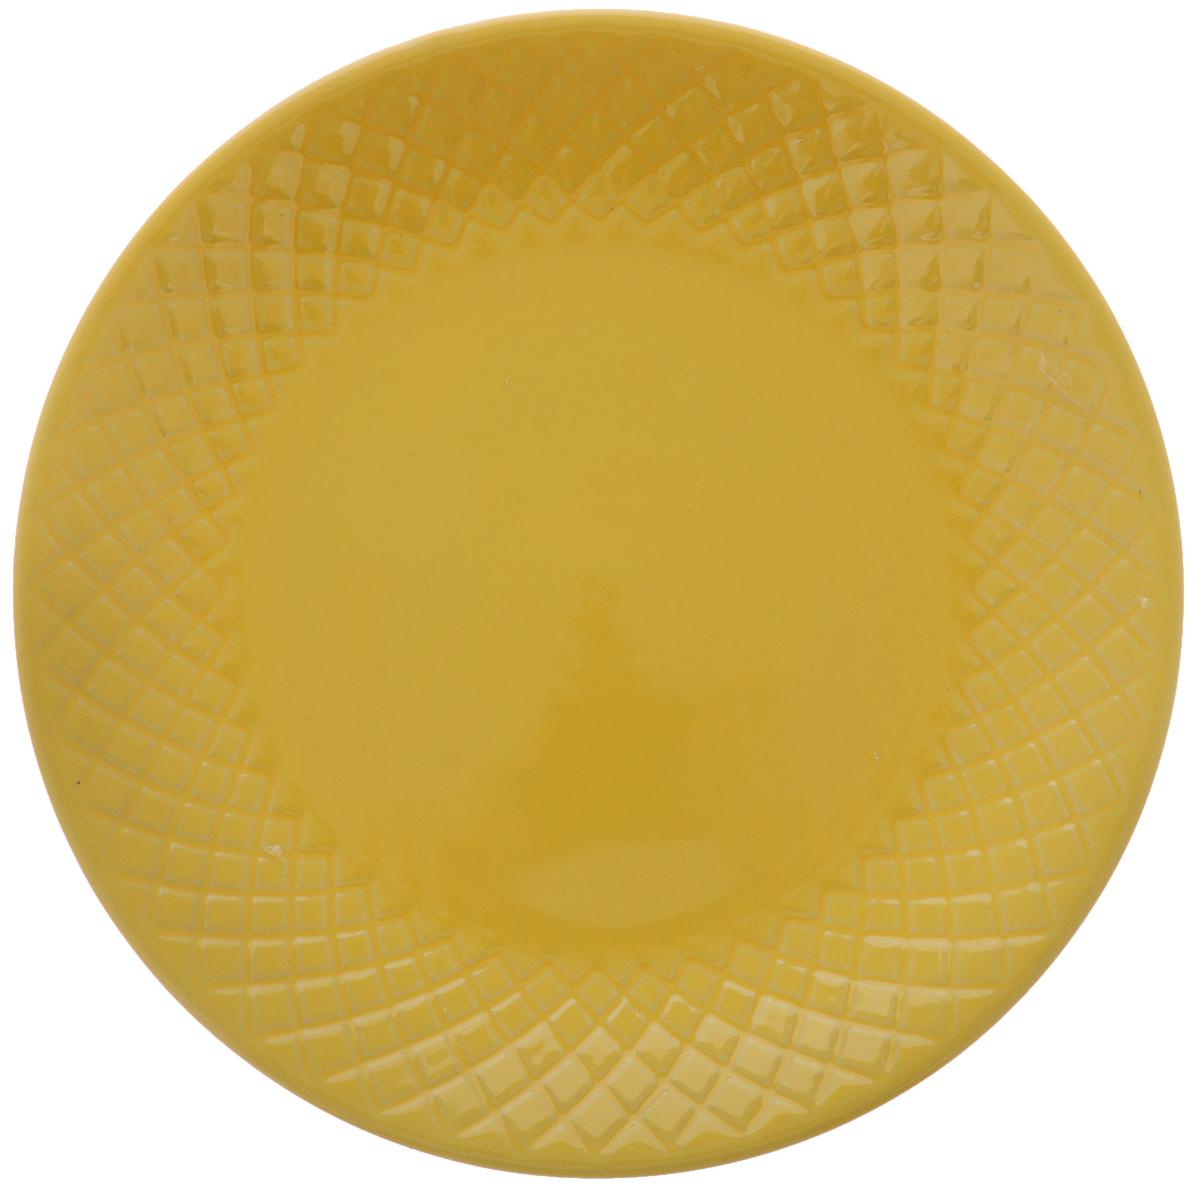 Тарелка обеденная Walmer Amber, цвет: желтый, диаметр 20 смW06132020Обеденная тарелка Walmer Amber, изготовленная из высококачественной керамики, имеет изысканный внешний вид. Яркий дизайн придется по вкусу и ценителям классики, и тем, кто предпочитает утонченность. Тарелка Walmer Amber идеально подойдет для сервировки стола и станет отличным подарком к любому празднику.Диаметр (по верхнему краю): 20 см